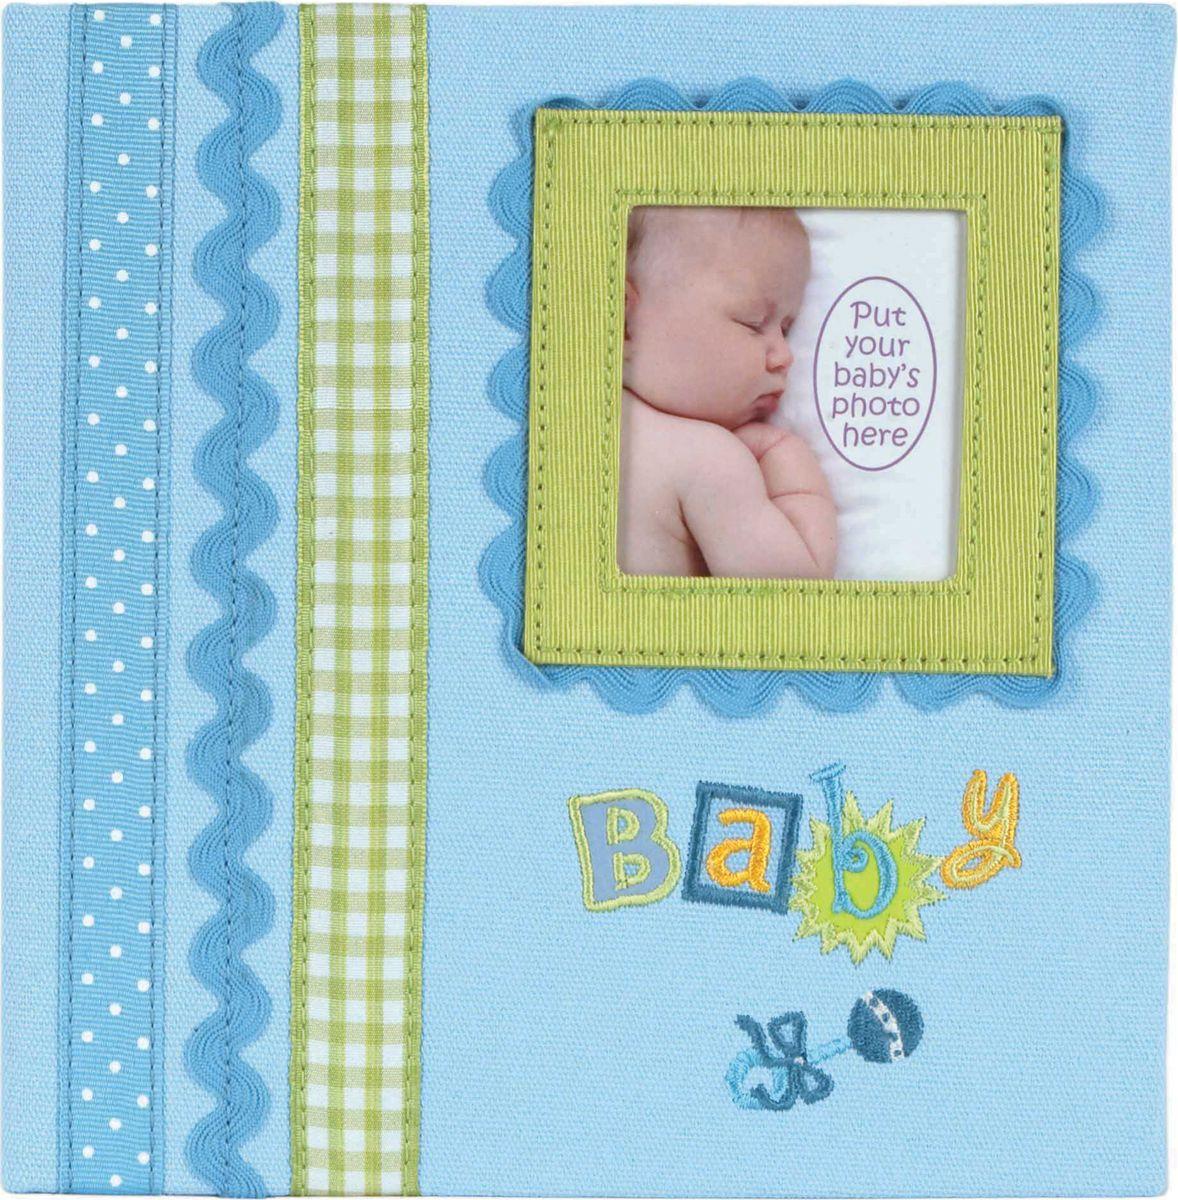 Фотоальбом Innova Baby Memories Blue Memo, цвет: голубой, 180 фотографий, 10 x 15 смQ4403615MДетский фотоальбом Innova имеет обложку из льняной ткани.Альбом рассчитан на 180 фотографий форматом 10 х 15 см. Для фотографий предусмотрено поле для записей. Страницы изготовлены из плотной бумаги и скреплены термоклеем. Фотоальбом является универсальным подарком к любому празднику. Родным, близким и просто знакомым будет приятно помещать фотографии в этот альбом.